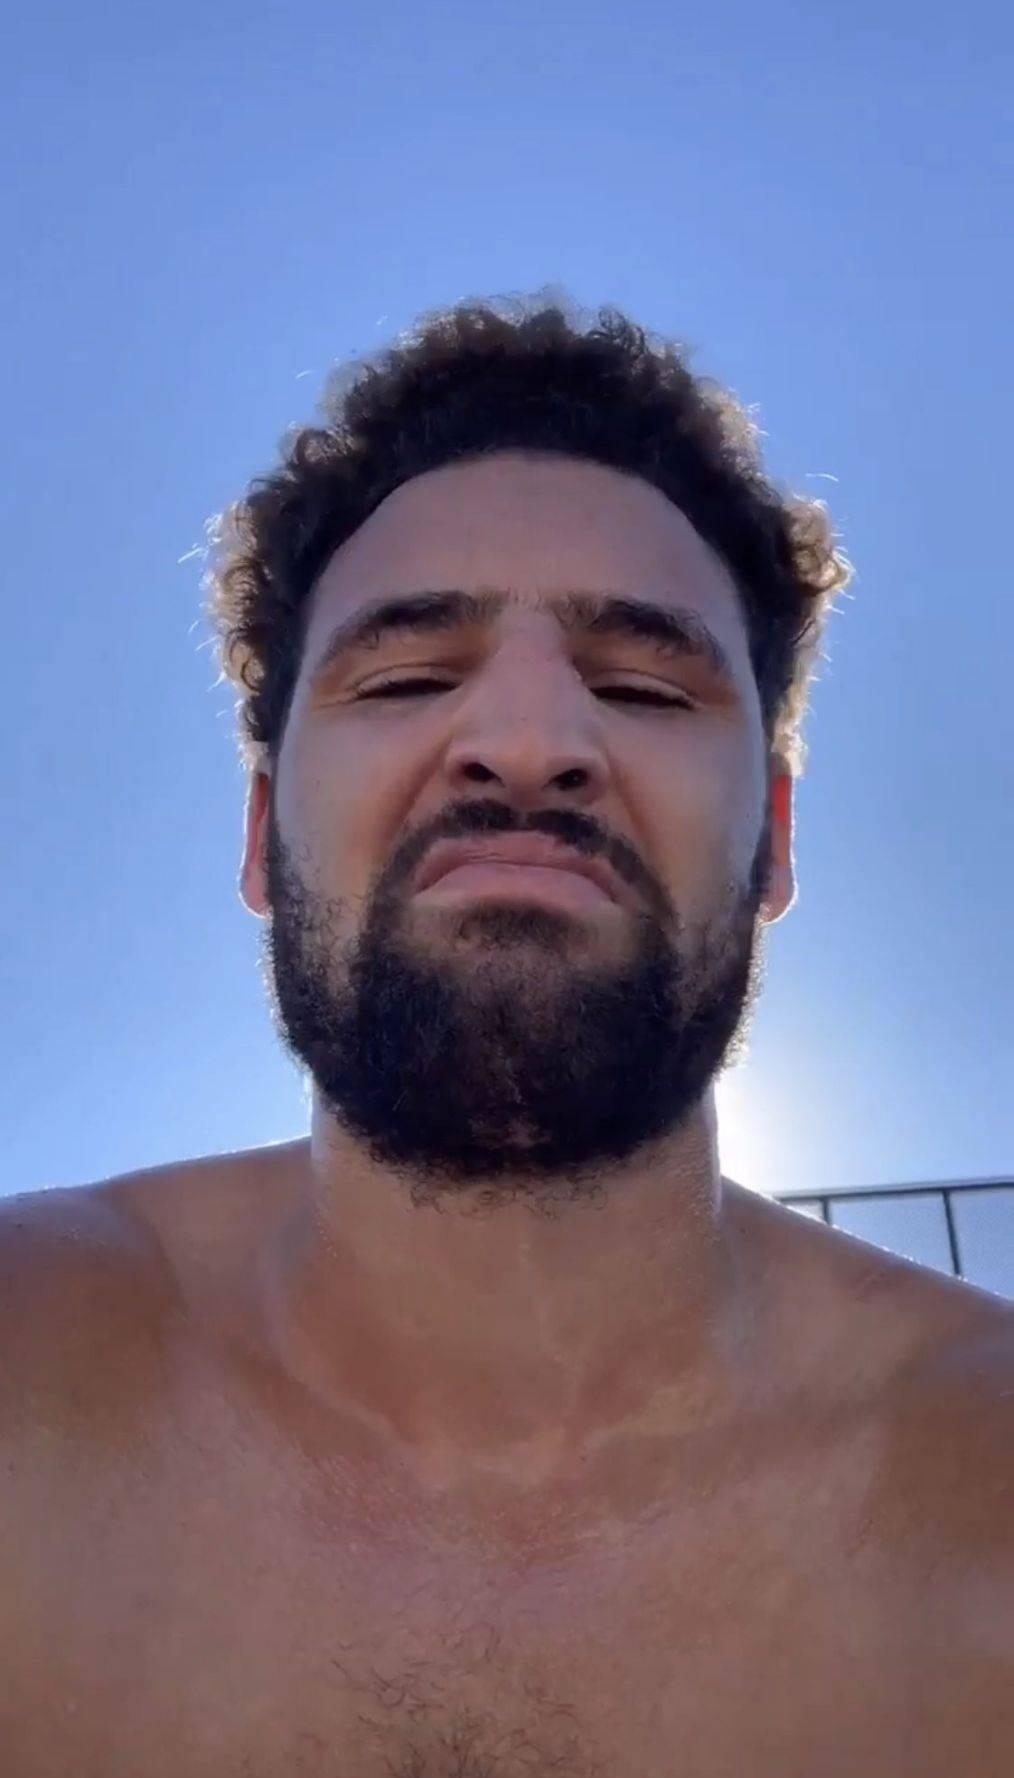 【影片】K湯又一趣事曝光!他已能全速奔跑,造型邋遢,承認訓練太辛苦!-黑特籃球-NBA新聞影音圖片分享社區